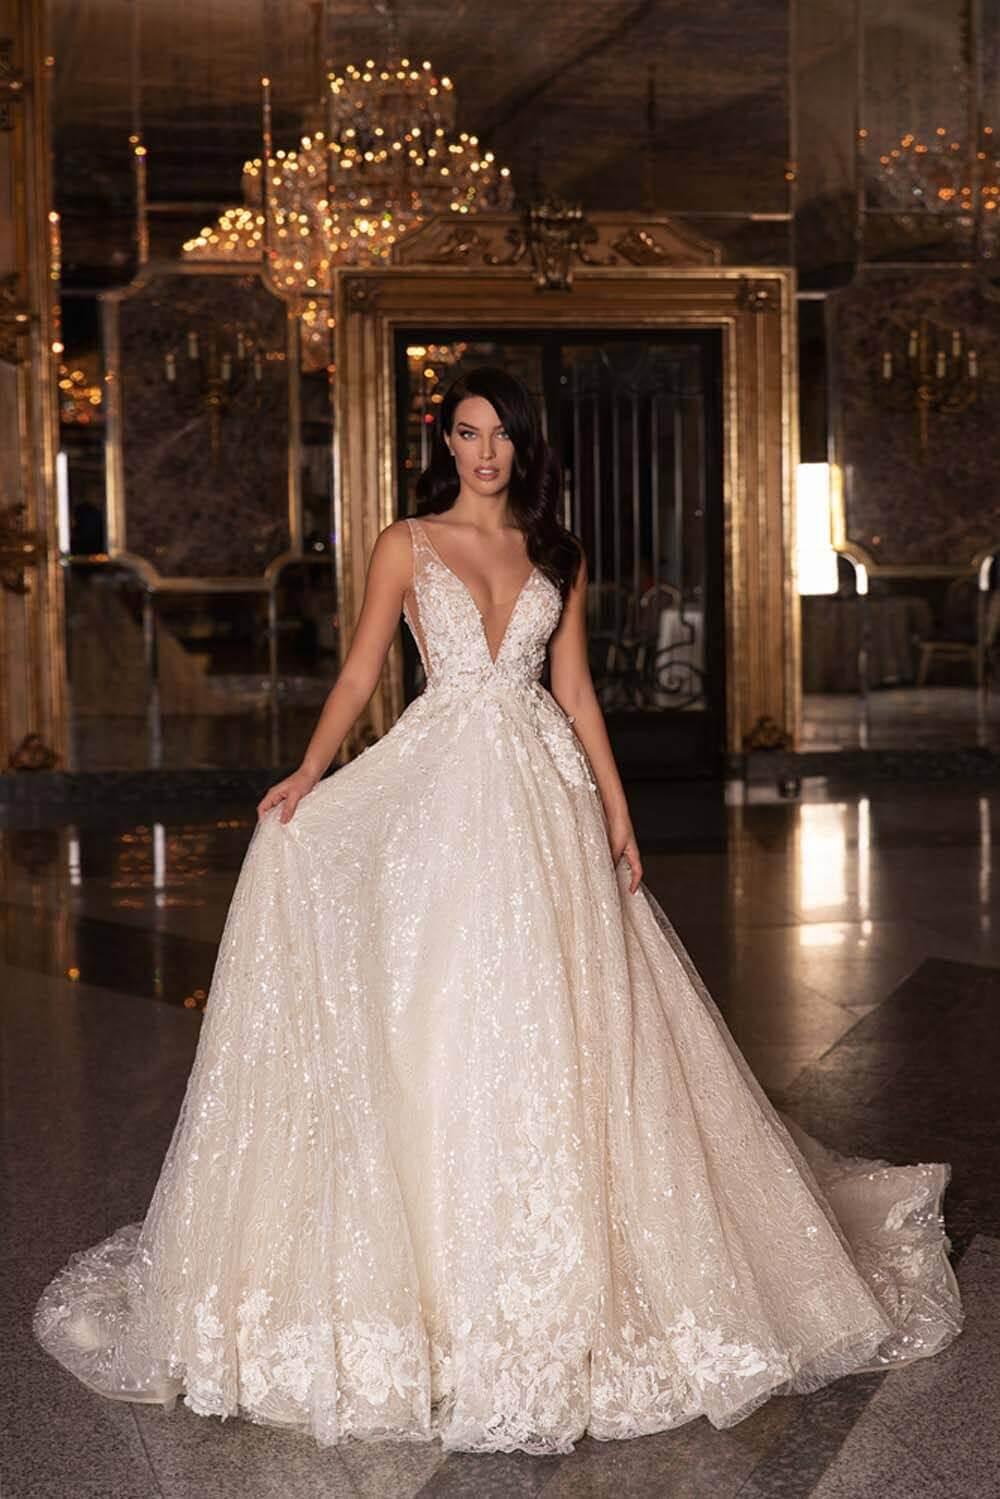 Bridal Room Boutique - Official WONÁ Concept european wedding dresses Venezuela - Tenemos los mejores vestidos de novias y precios